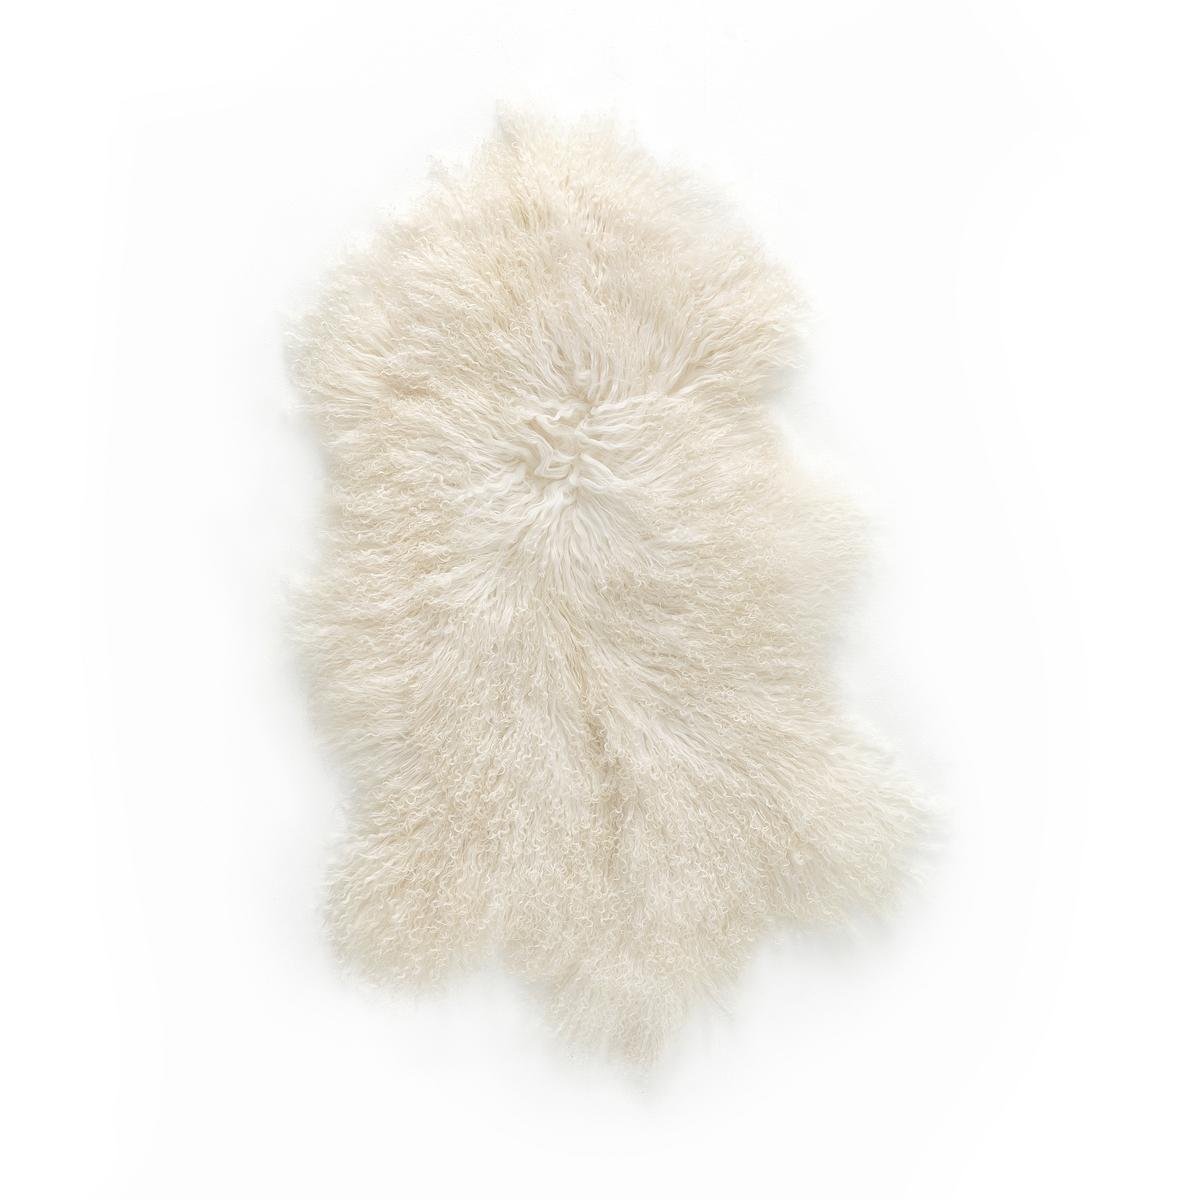 Овечья шкура OSIAДля декора в духе времени и несравненного комфорта используйте эту чудесную овечью шкуру из 100% монгольской шерсти в качестве покрывала на кресло или прикроватный коврик, эффект-гарантирован!Описание прикроватного коврика из овечьей шкуры Osia :100% овечья шерсть из Монголии . Размеры прикроватного коврика из овечьей шкуры Osia :55 x 90 см.Найдите нашу коллекцию Osia на сайте laredoute.ru<br><br>Цвет: белый,бледно-зеленый,розовая пудра